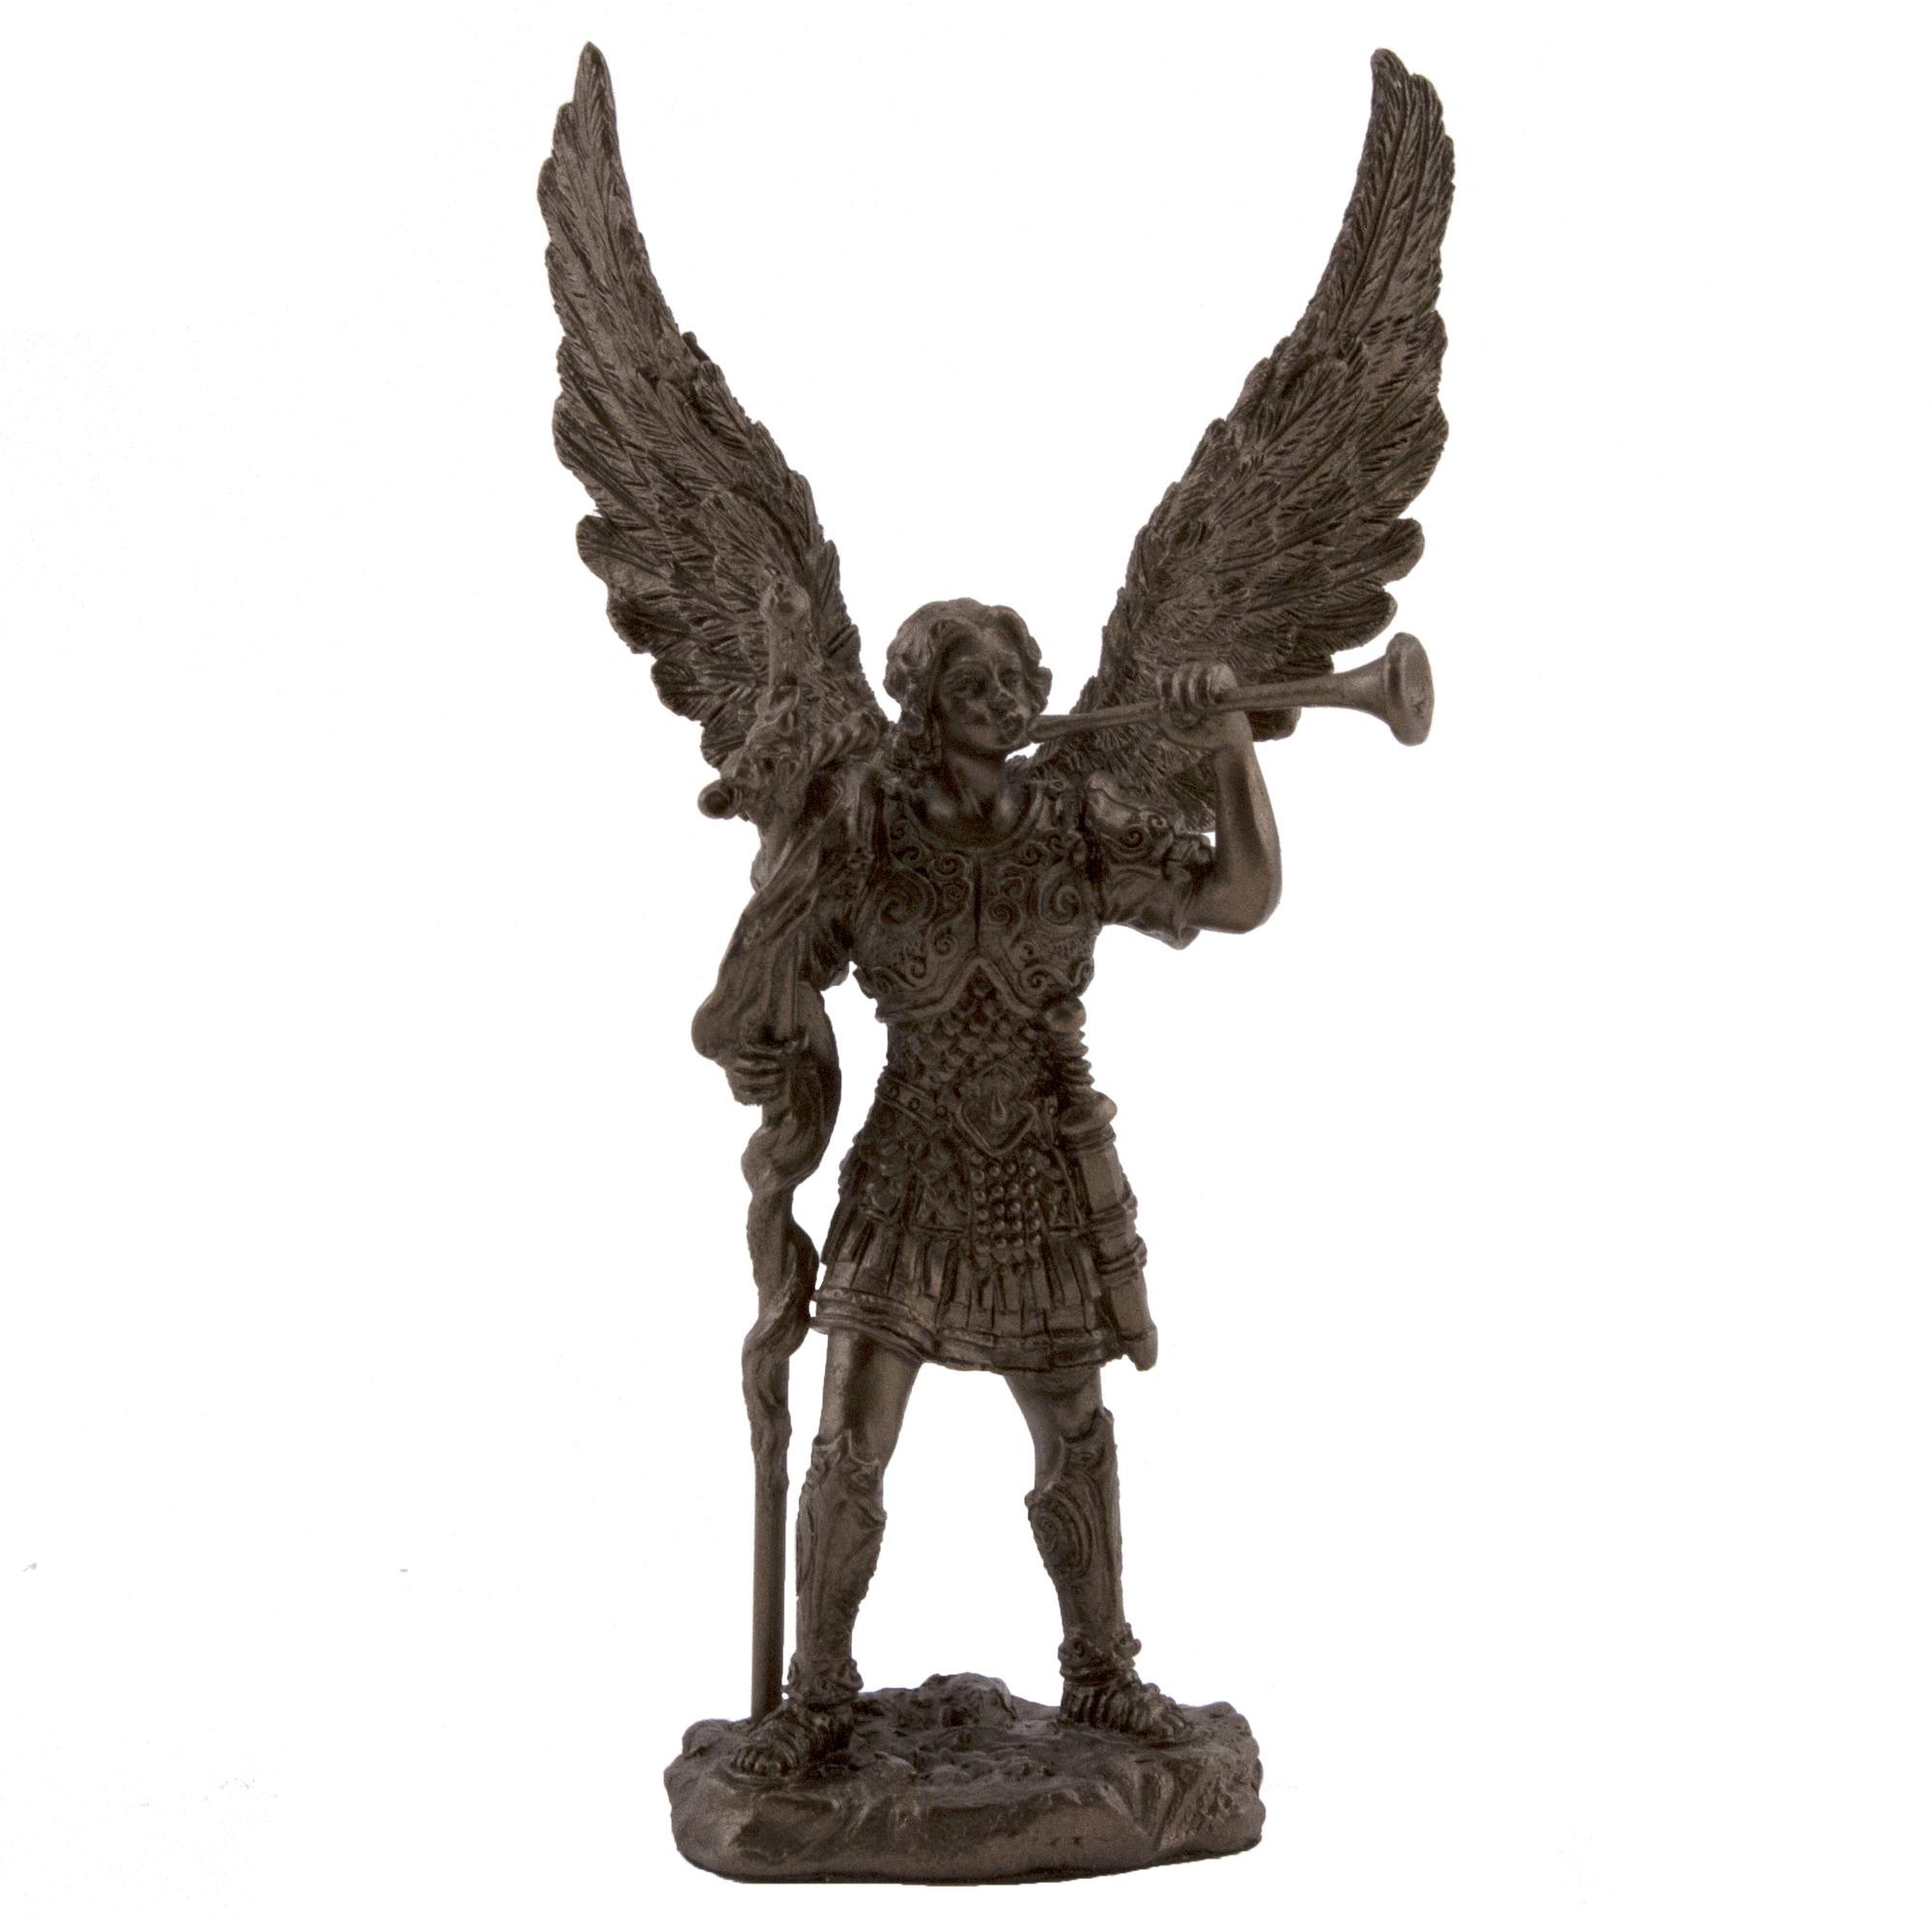 St. Gabriel Archangel Veronese Statue, Bronzed 4 Inch